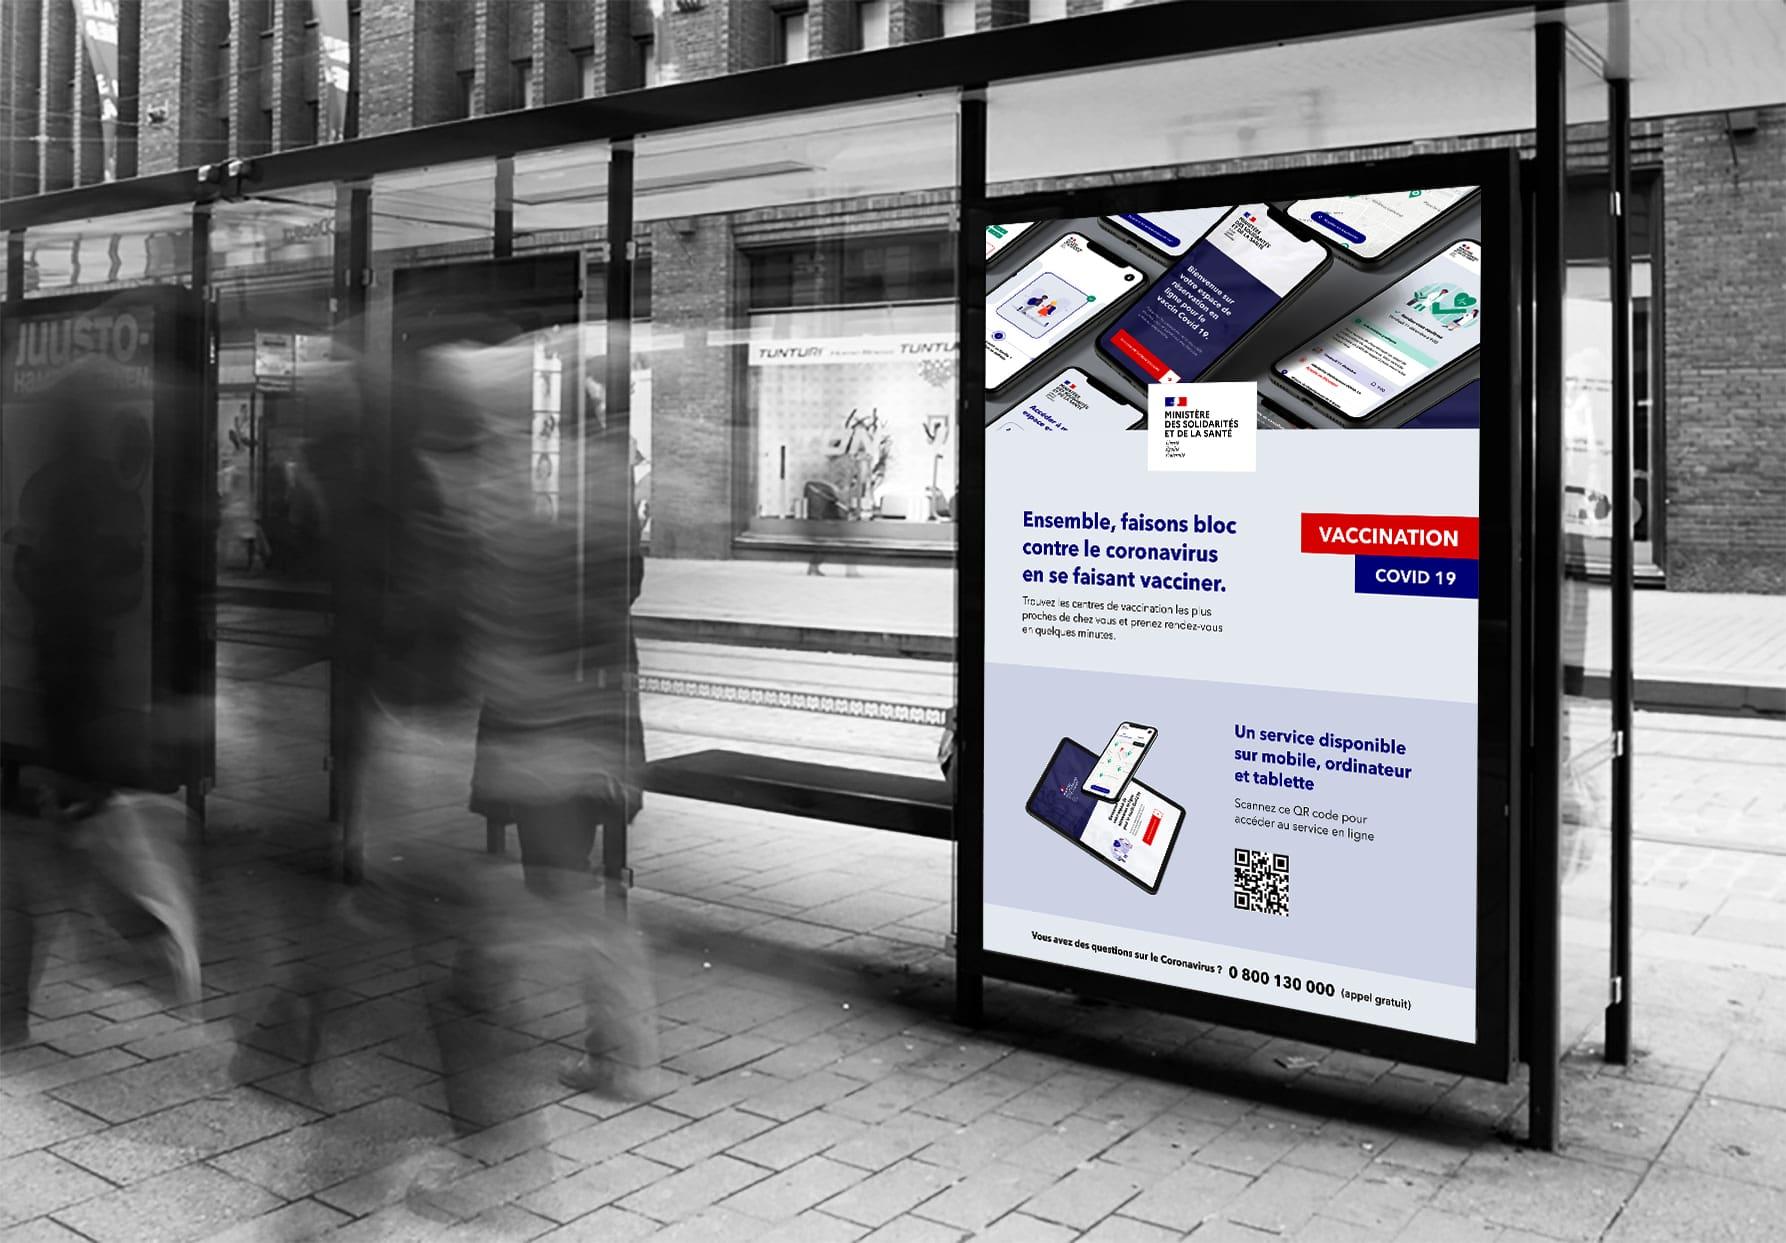 UI-application-mobile-vaccin-covid-19-mockup-affiche